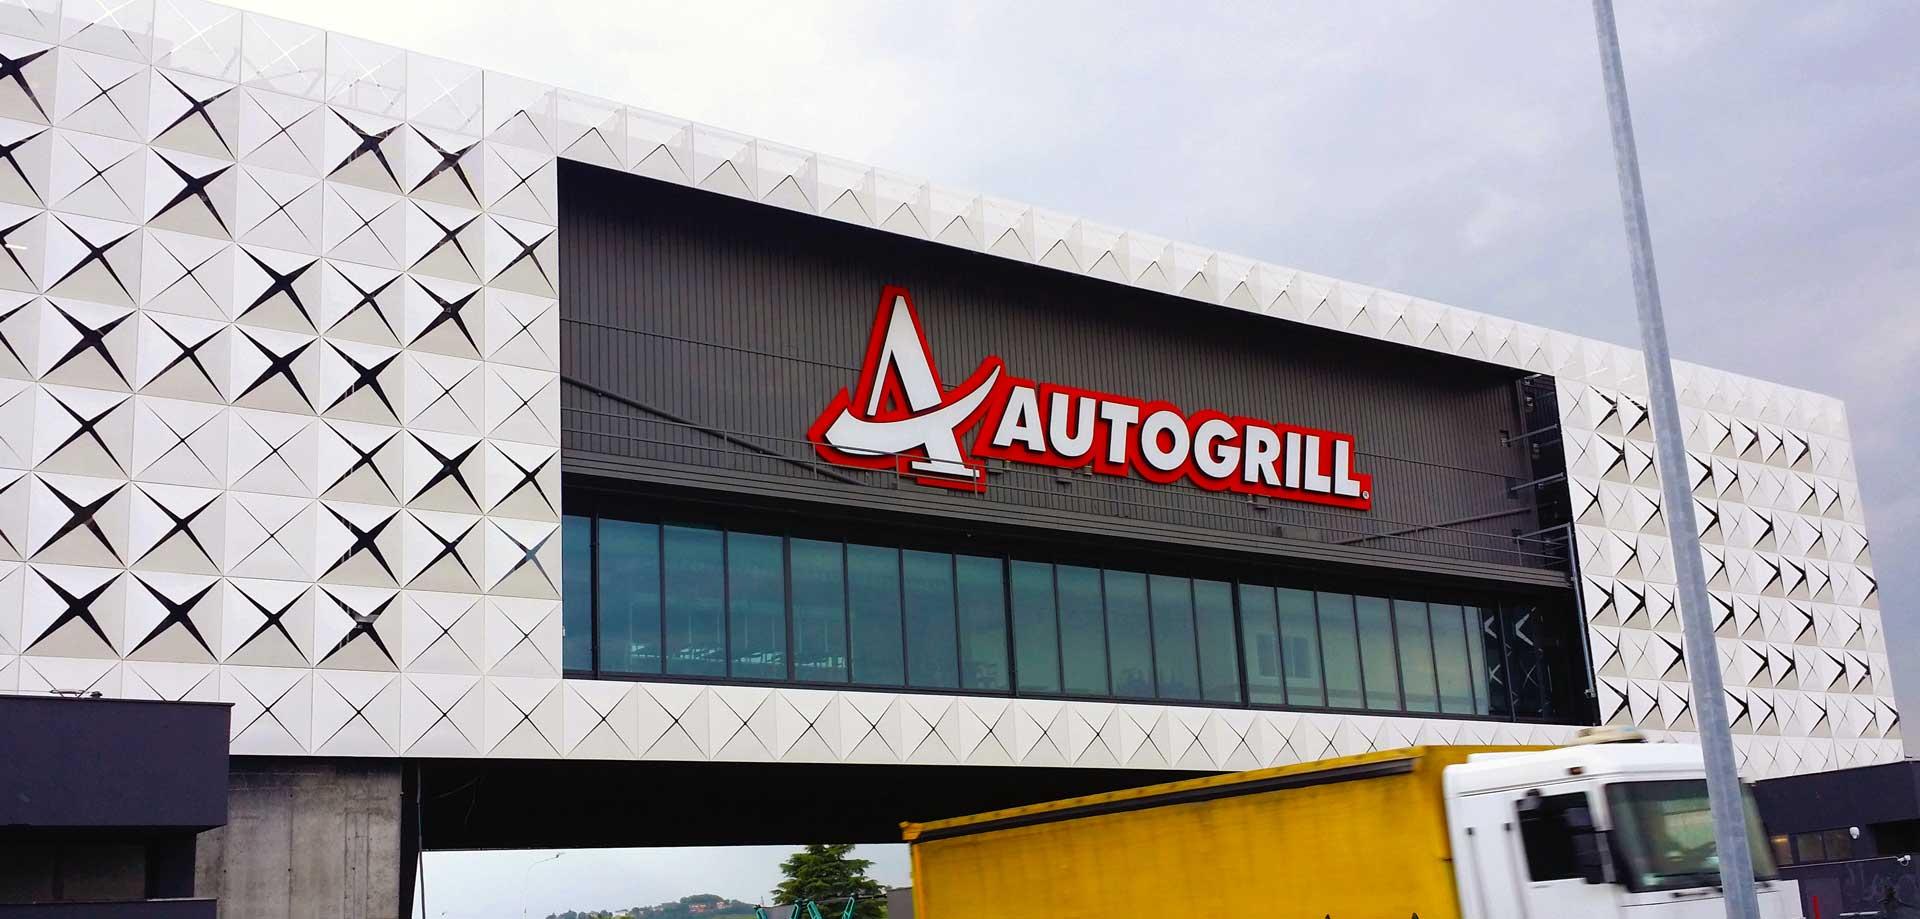 Rivestimento esterno in alluminio, rivestimento facciata, rivestimento metallico, rivestimento metallico di facciata